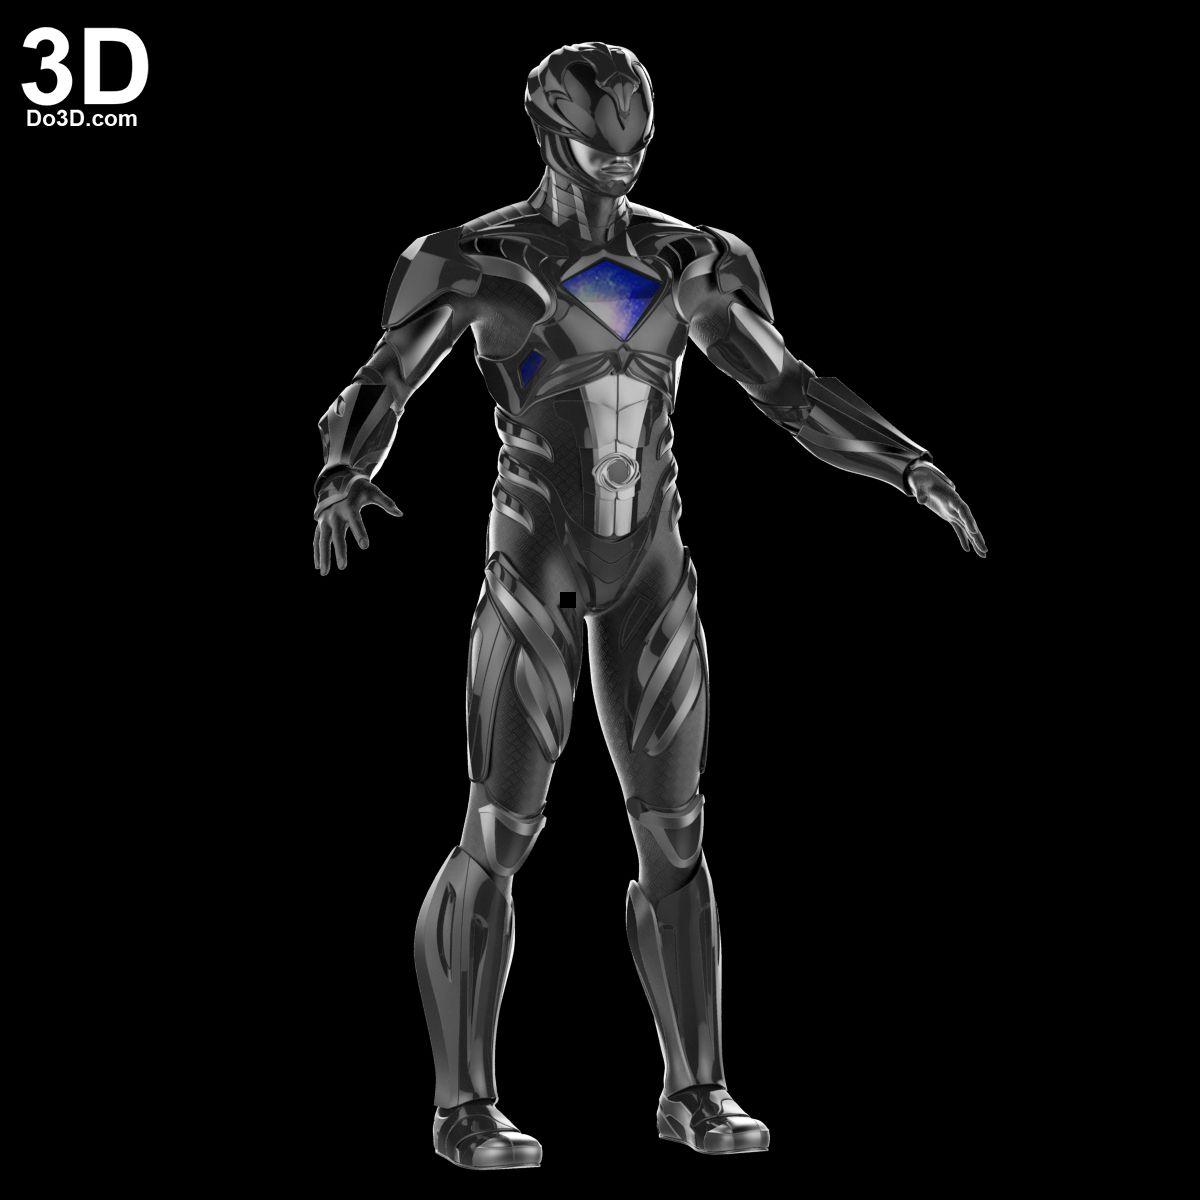 3D Printable Model: Black Ranger Helmet And Full Armor